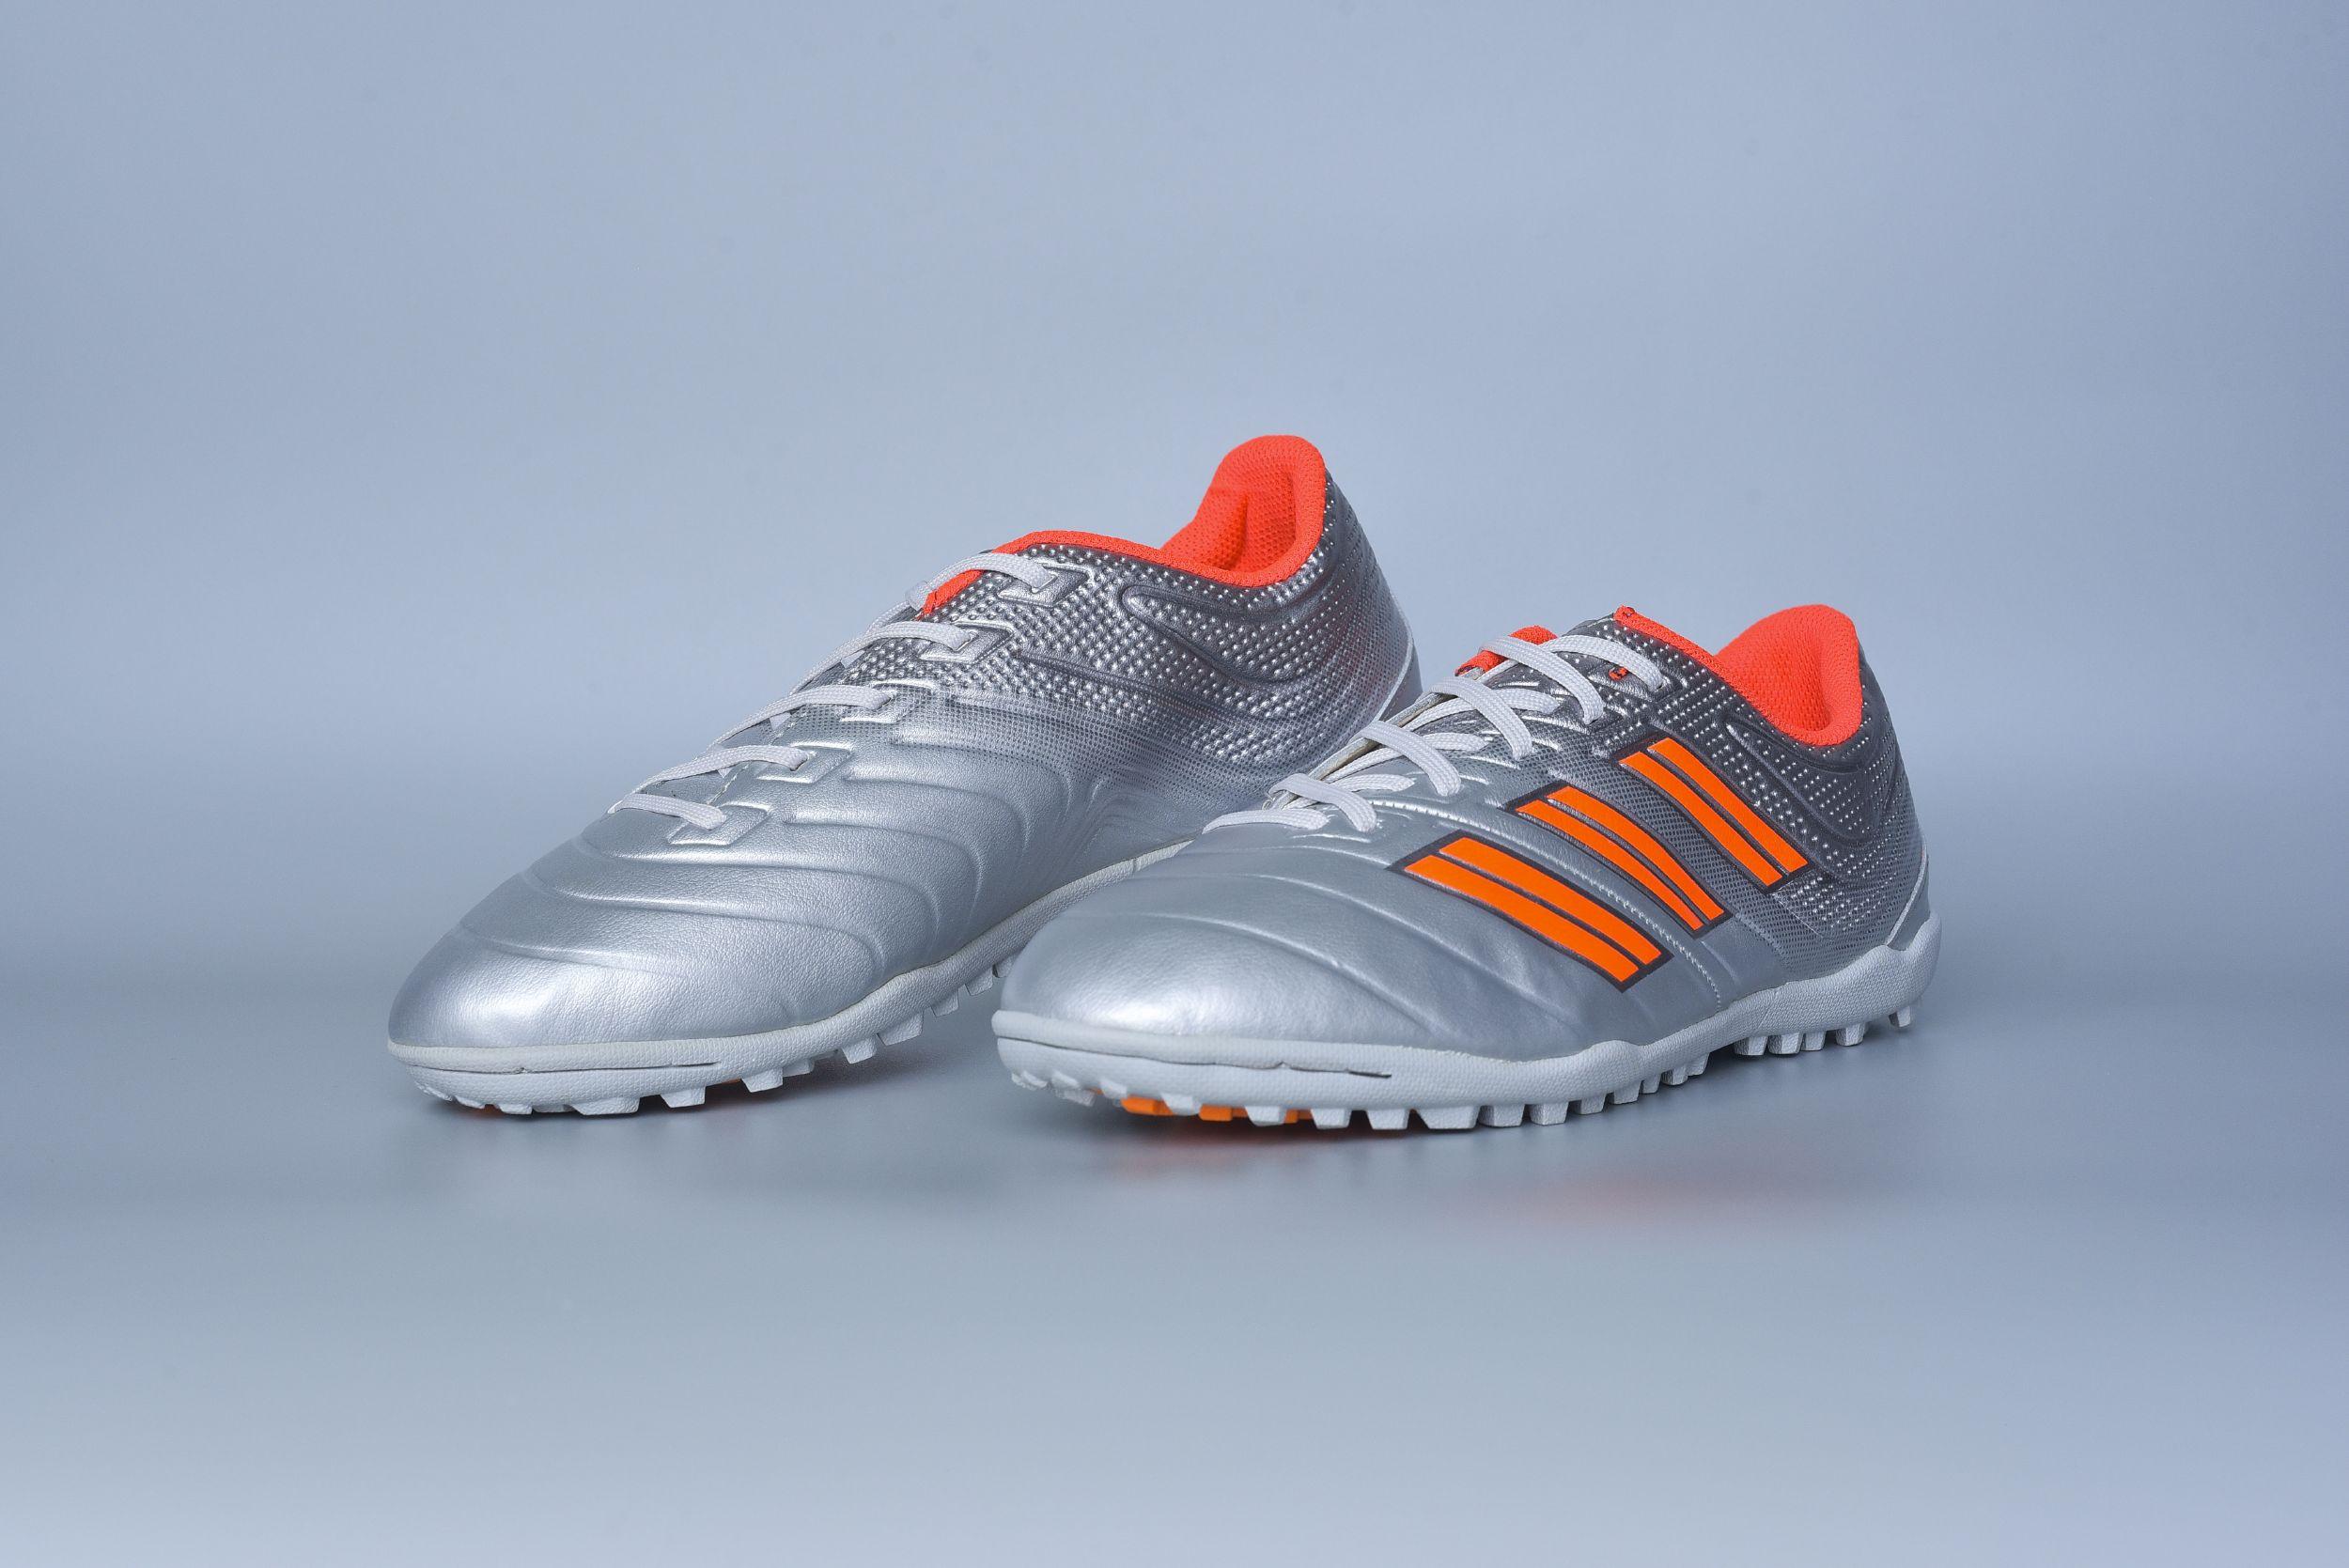 Giày đá bóng Xfaster Copa Bạc/Sọc Cam